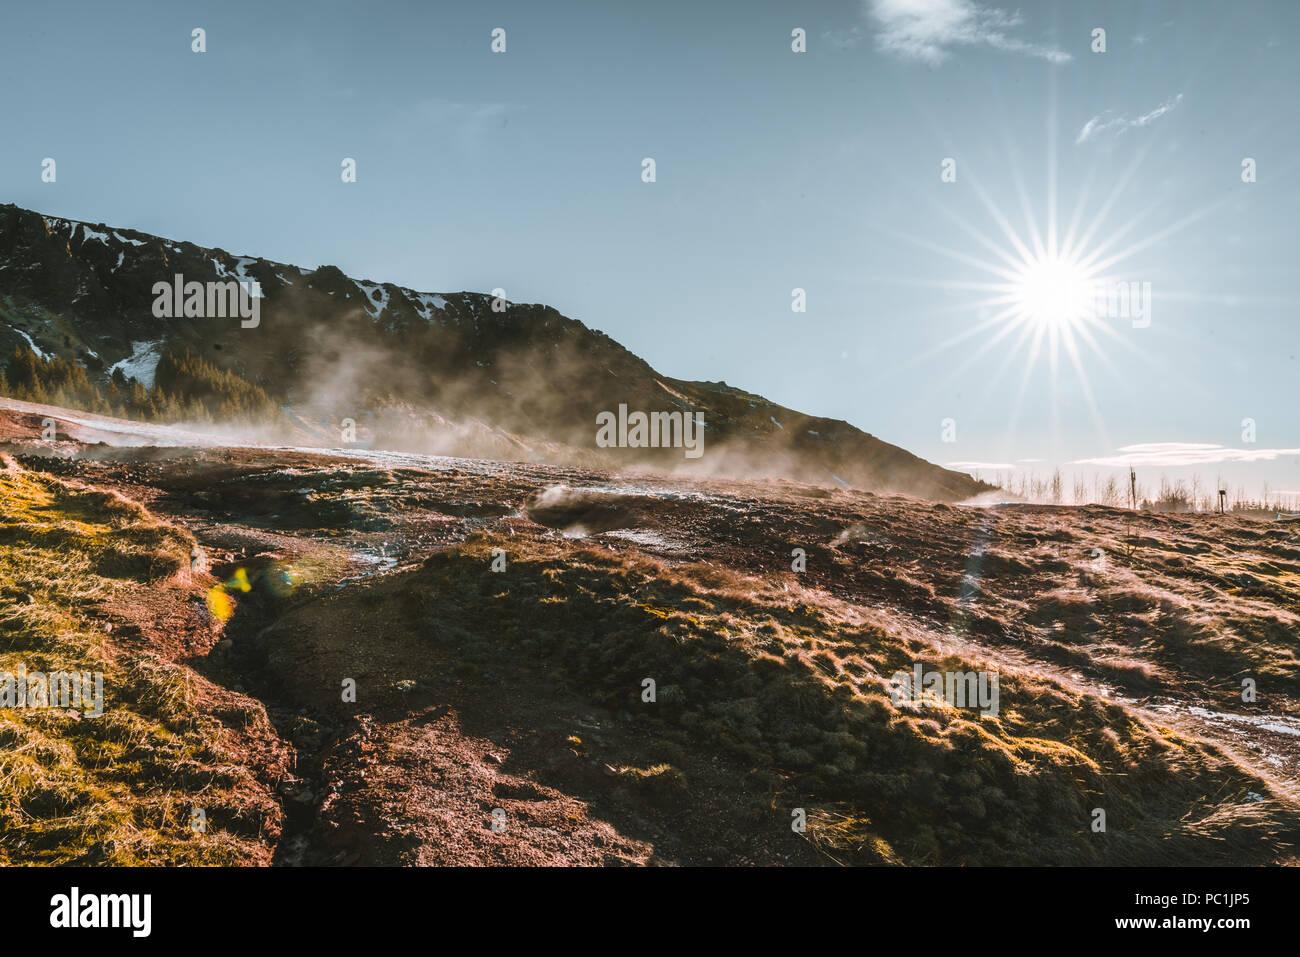 Kochendes Wasser und Schlamm in die geothermale Region Reykjadalur Valley im Süden Islands Stockbild